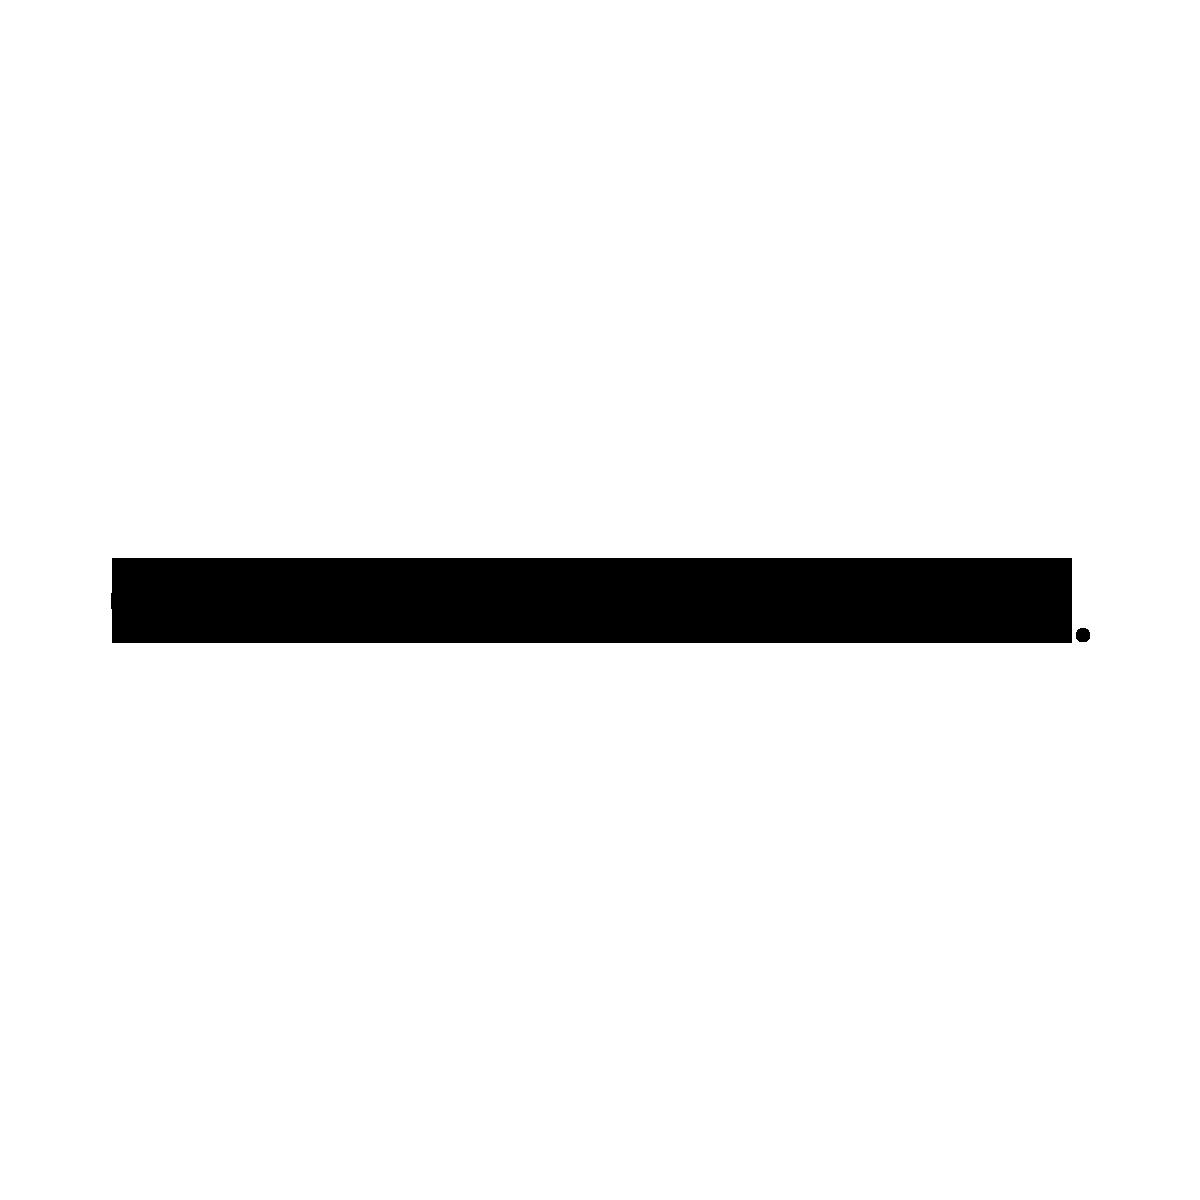 Sneaker-Dip-White/Blue